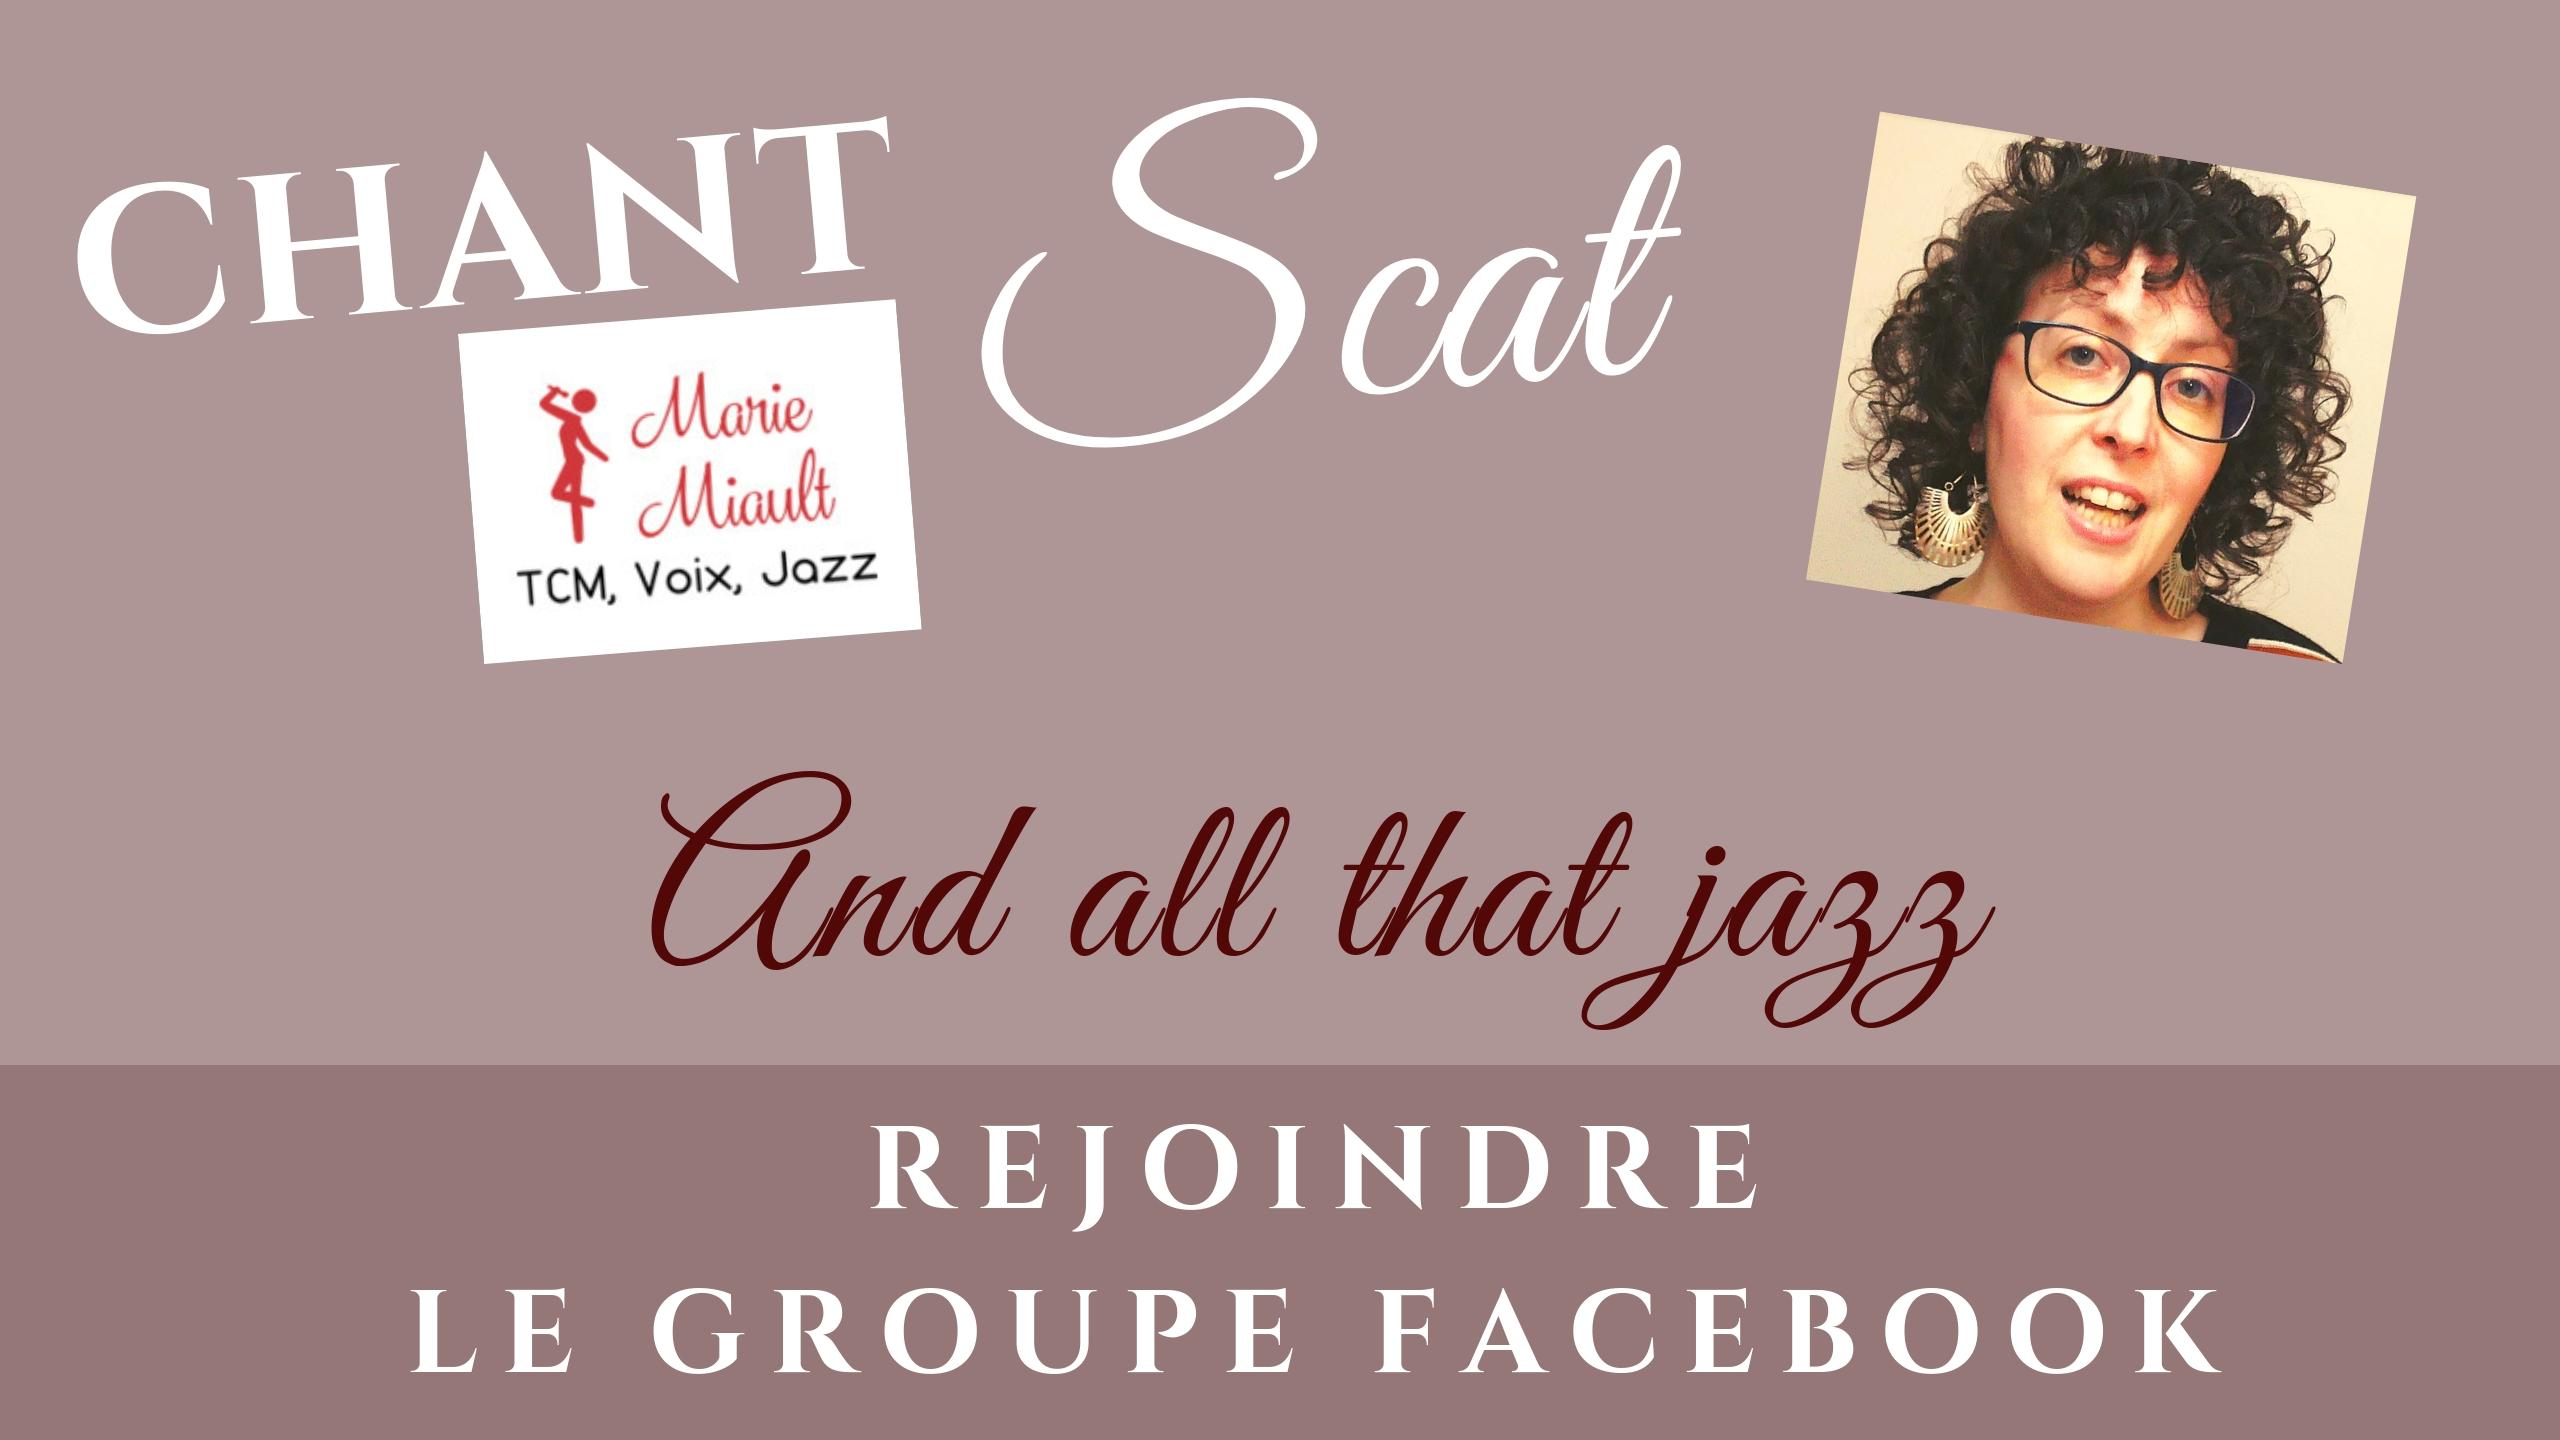 Rejoindre le groupe facebook Marie Miault Chant, Jazz, Scat - le réseau